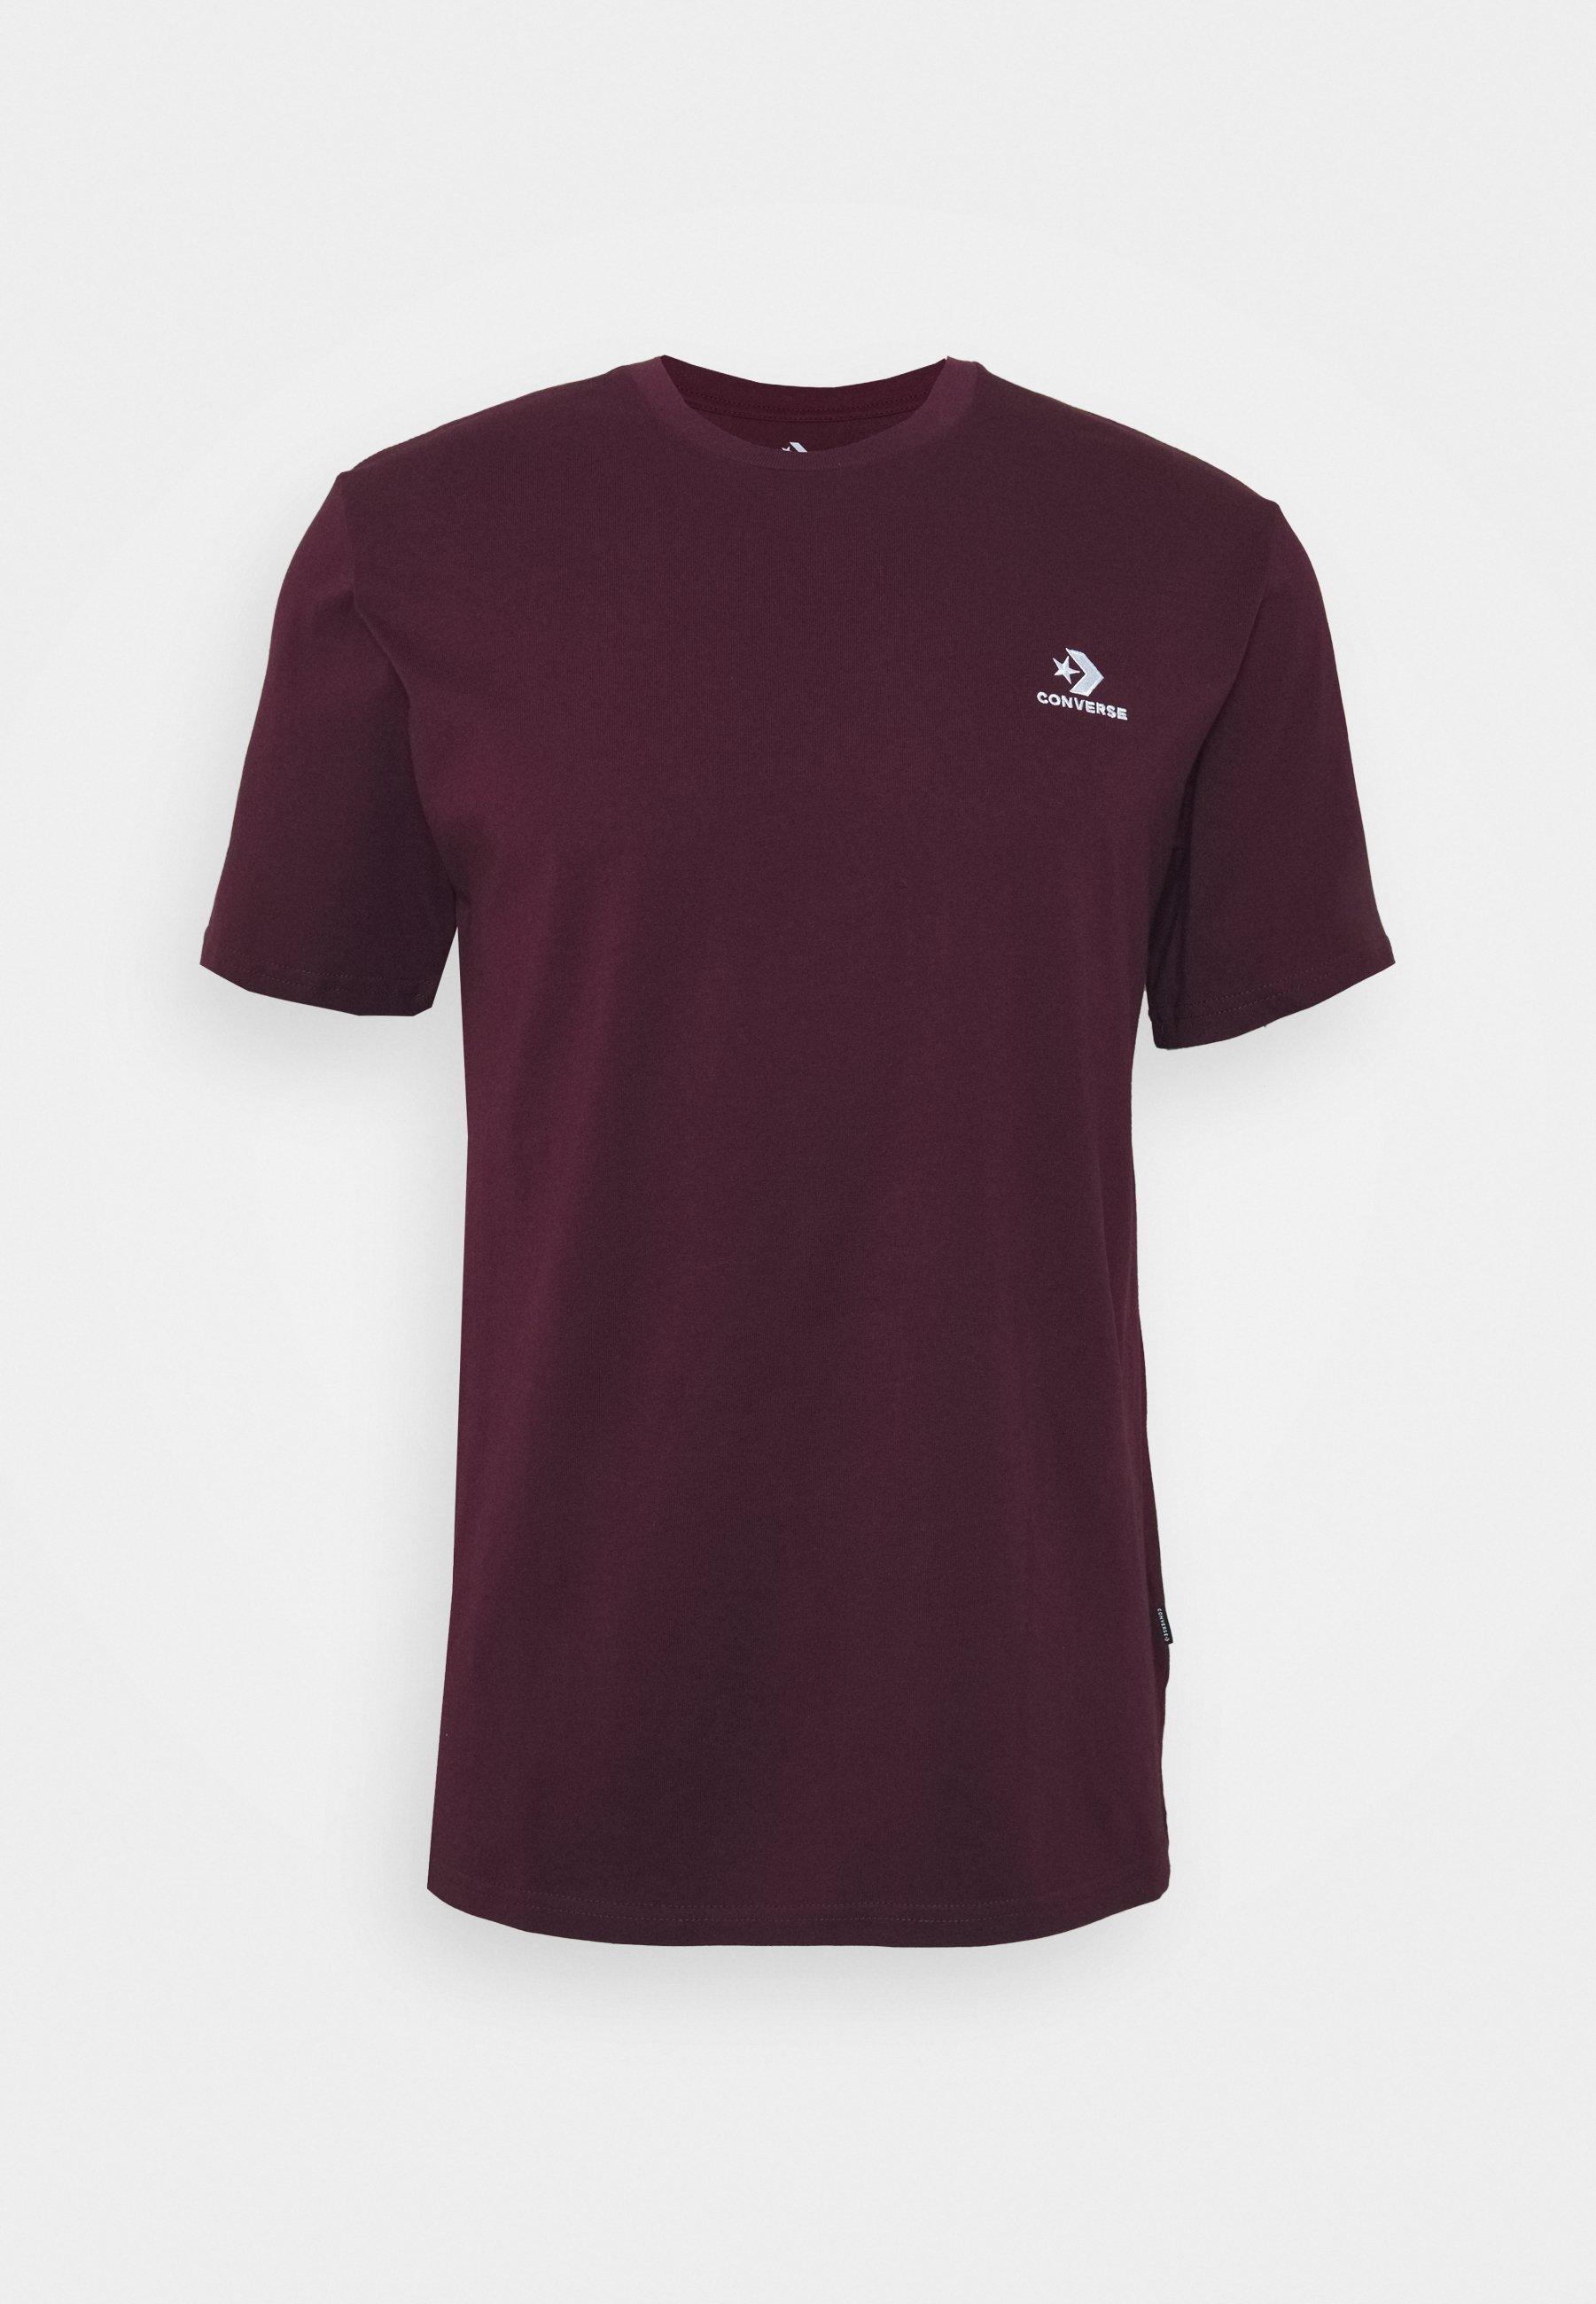 Men EMBROIDERED STAR LEFT CHEST TEE - Basic T-shirt